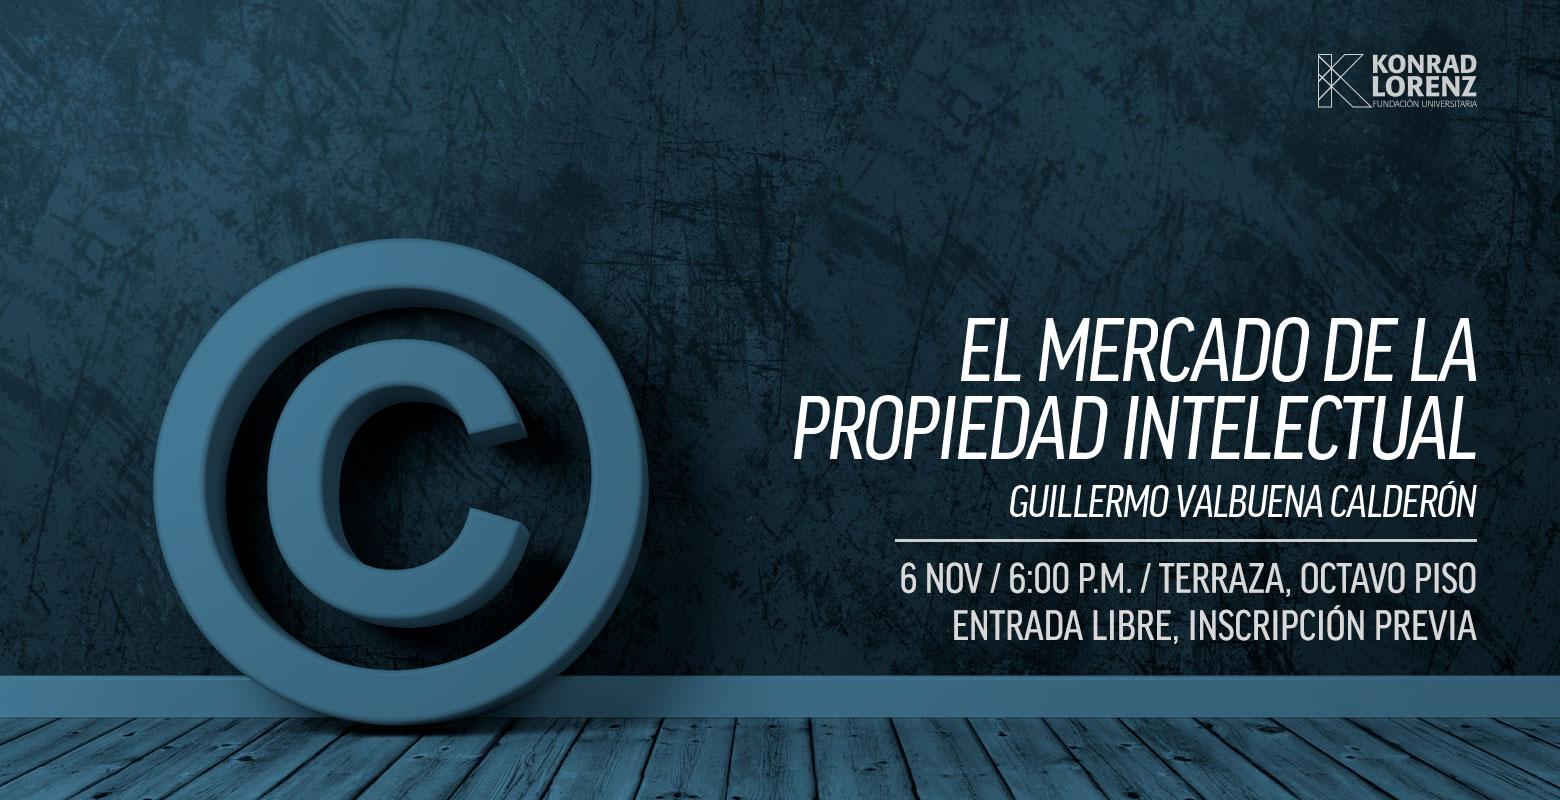 Conferencia: El mercado de la propiedad intelectual